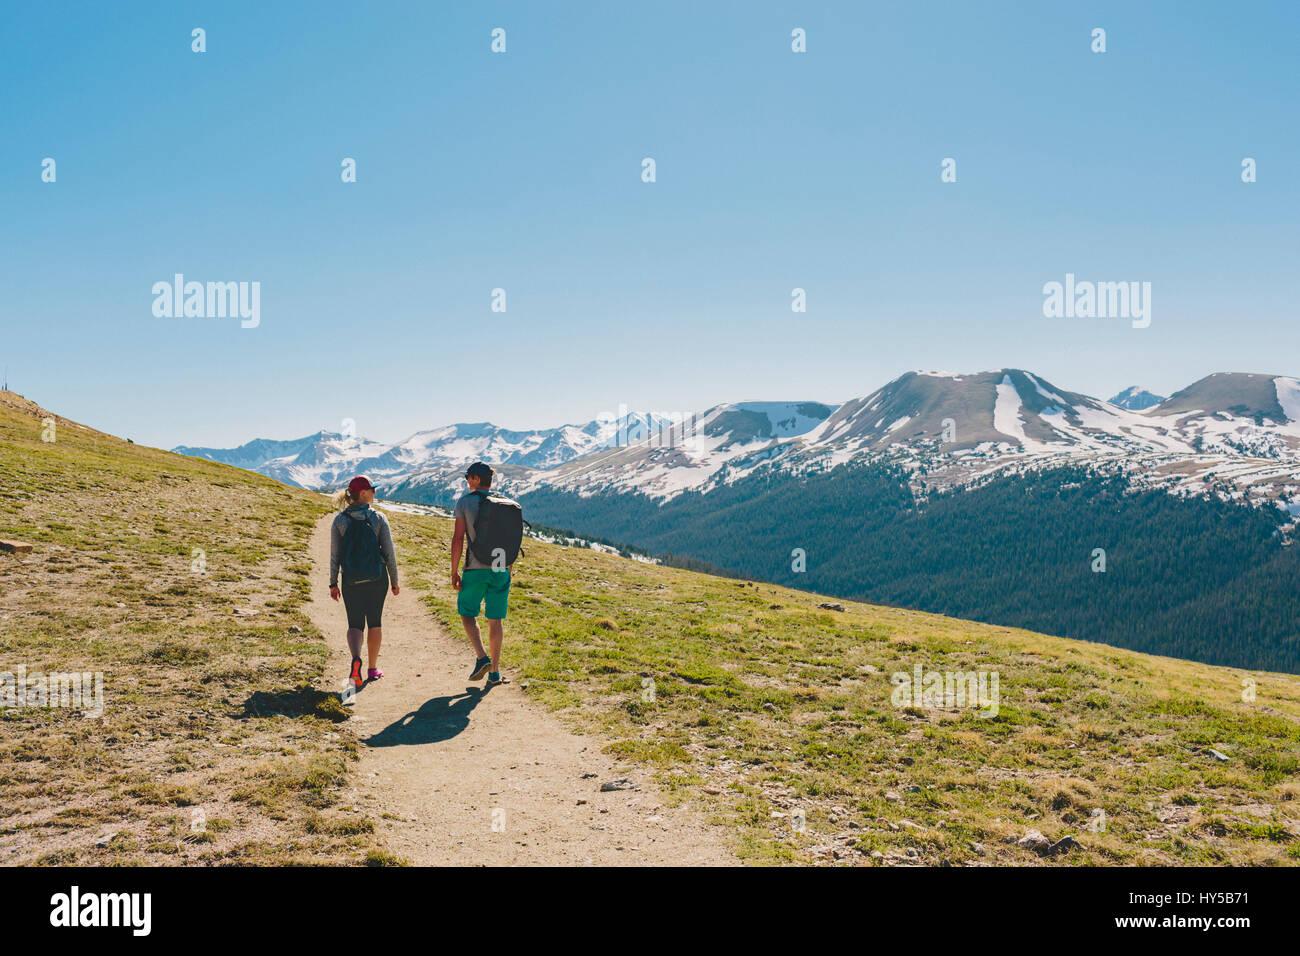 Stati Uniti d'America, colorado, Rocky Mountain National Park, due persone escursioni in montagna Immagini Stock